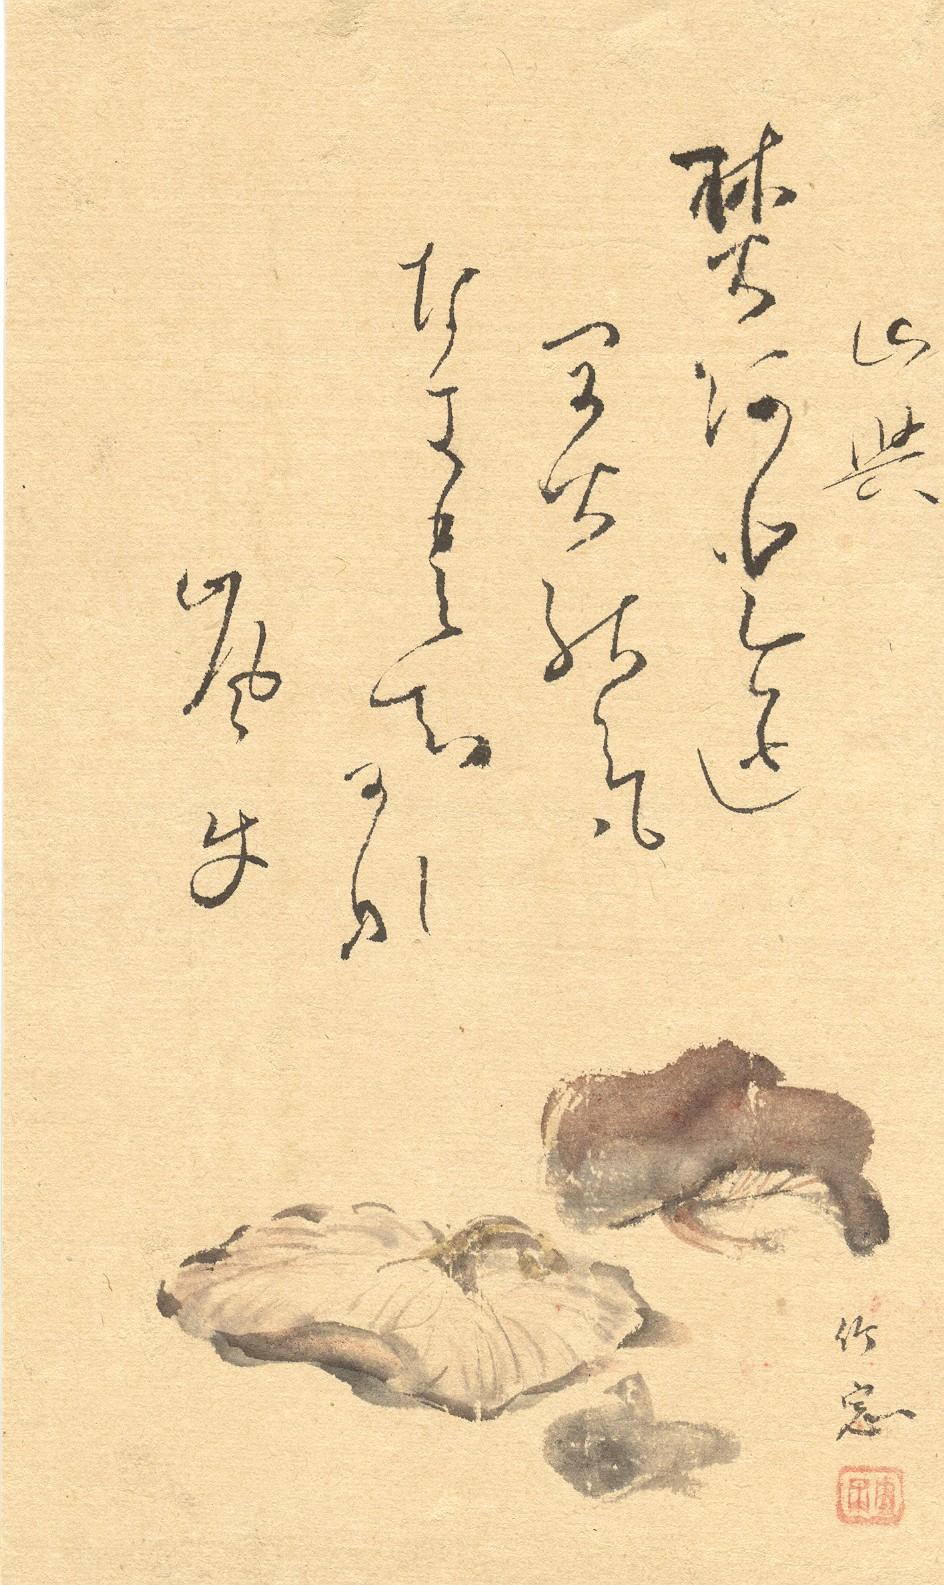 japanpilz2